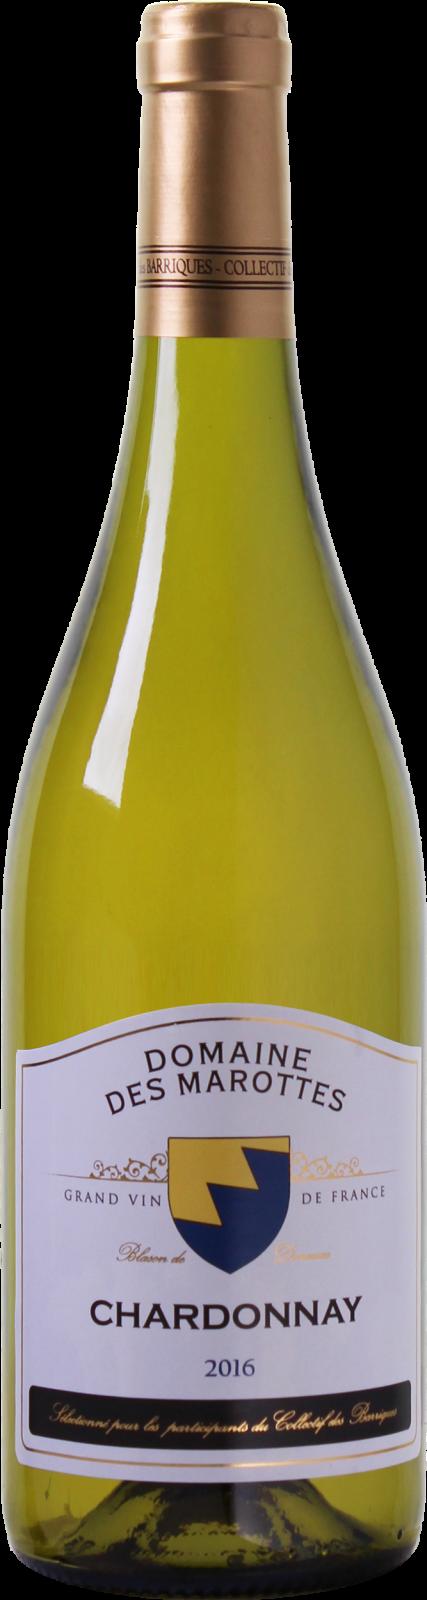 Domaine des Marottes Chardonnay